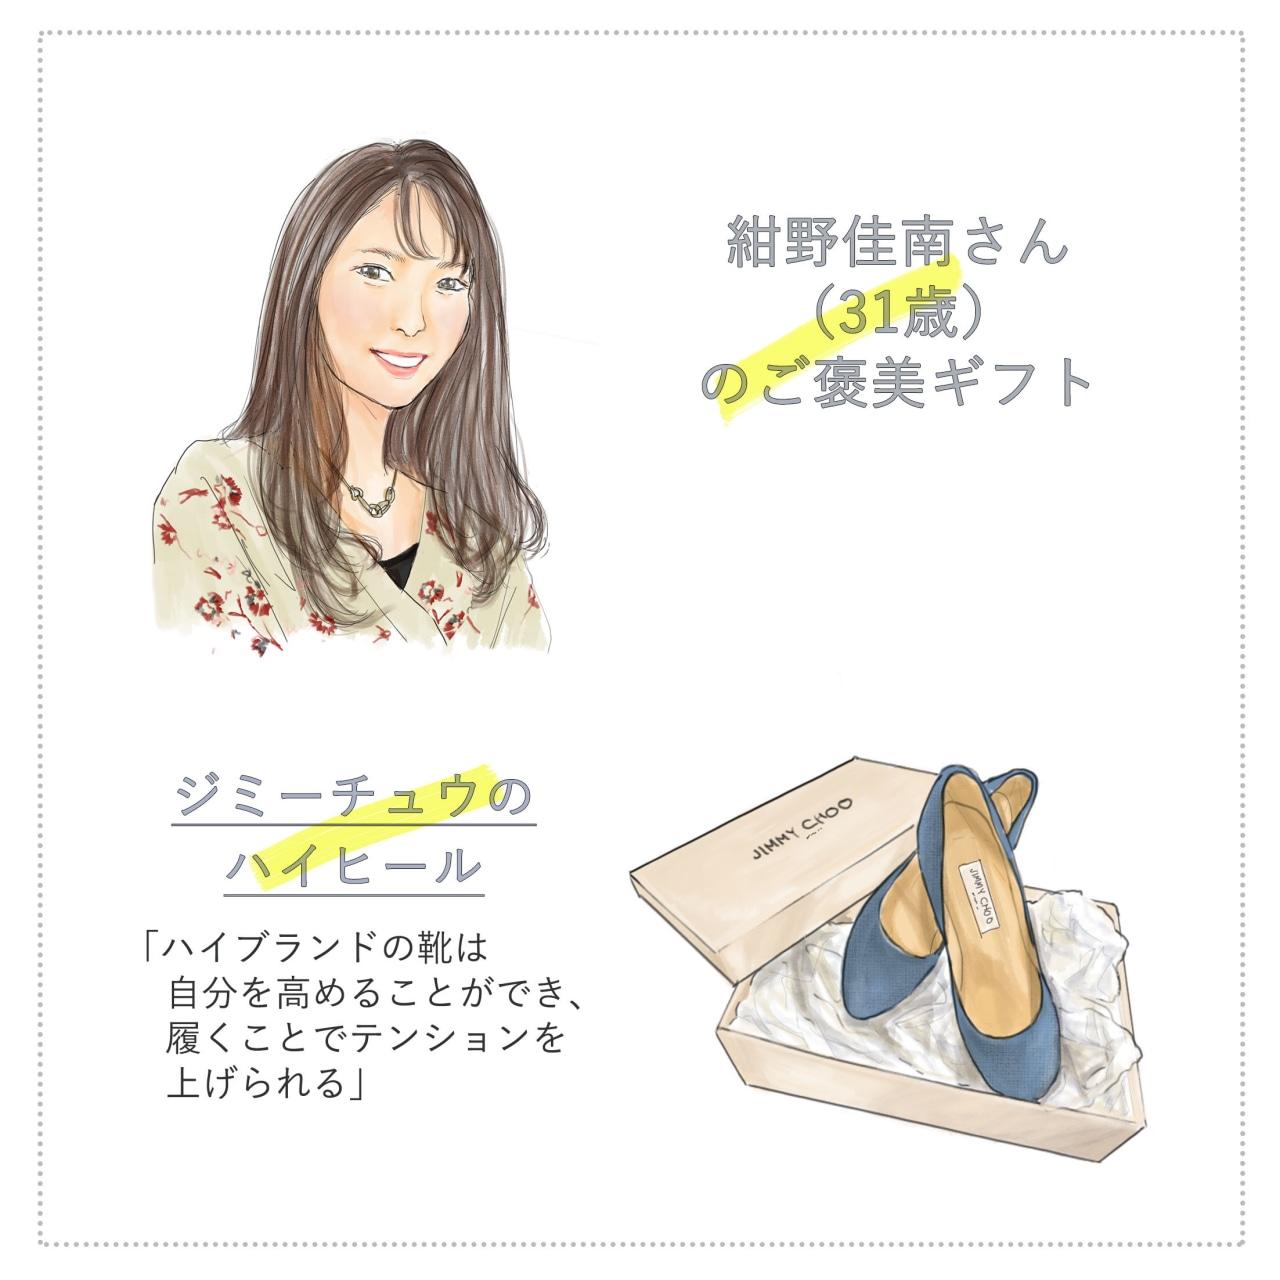 ご褒美ギフト:人気コスメアプリ「LIPS」を開発・運営するAppBrewの広告事業責任者・紺野佳南さん(31歳)